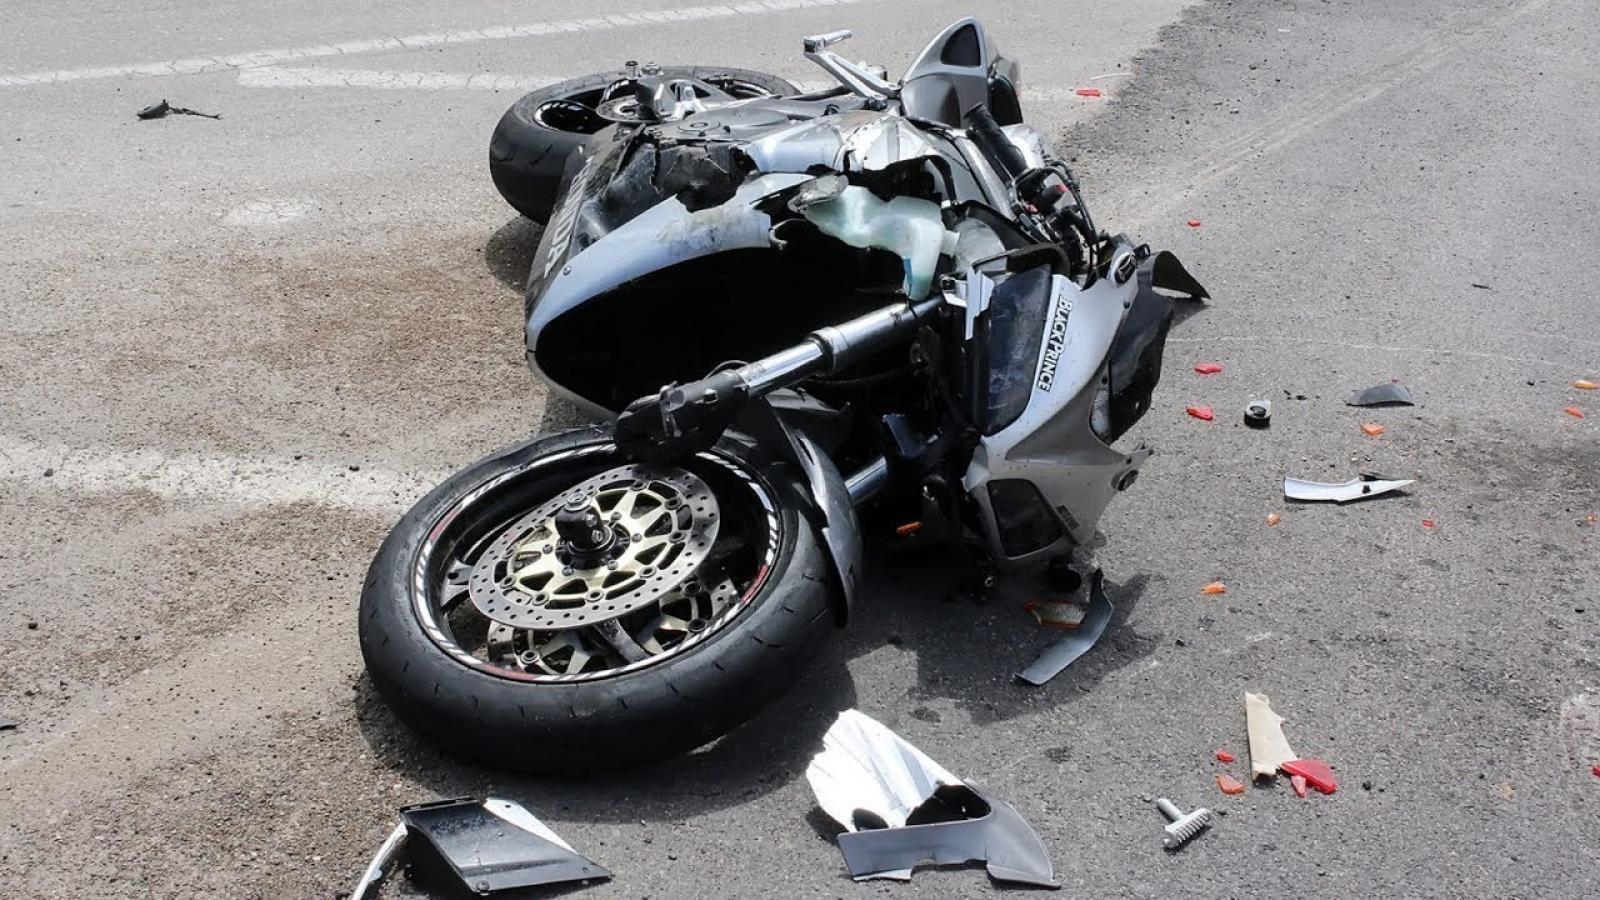 24-летняя череповчанка улетела с мотоцикла на полной скорости